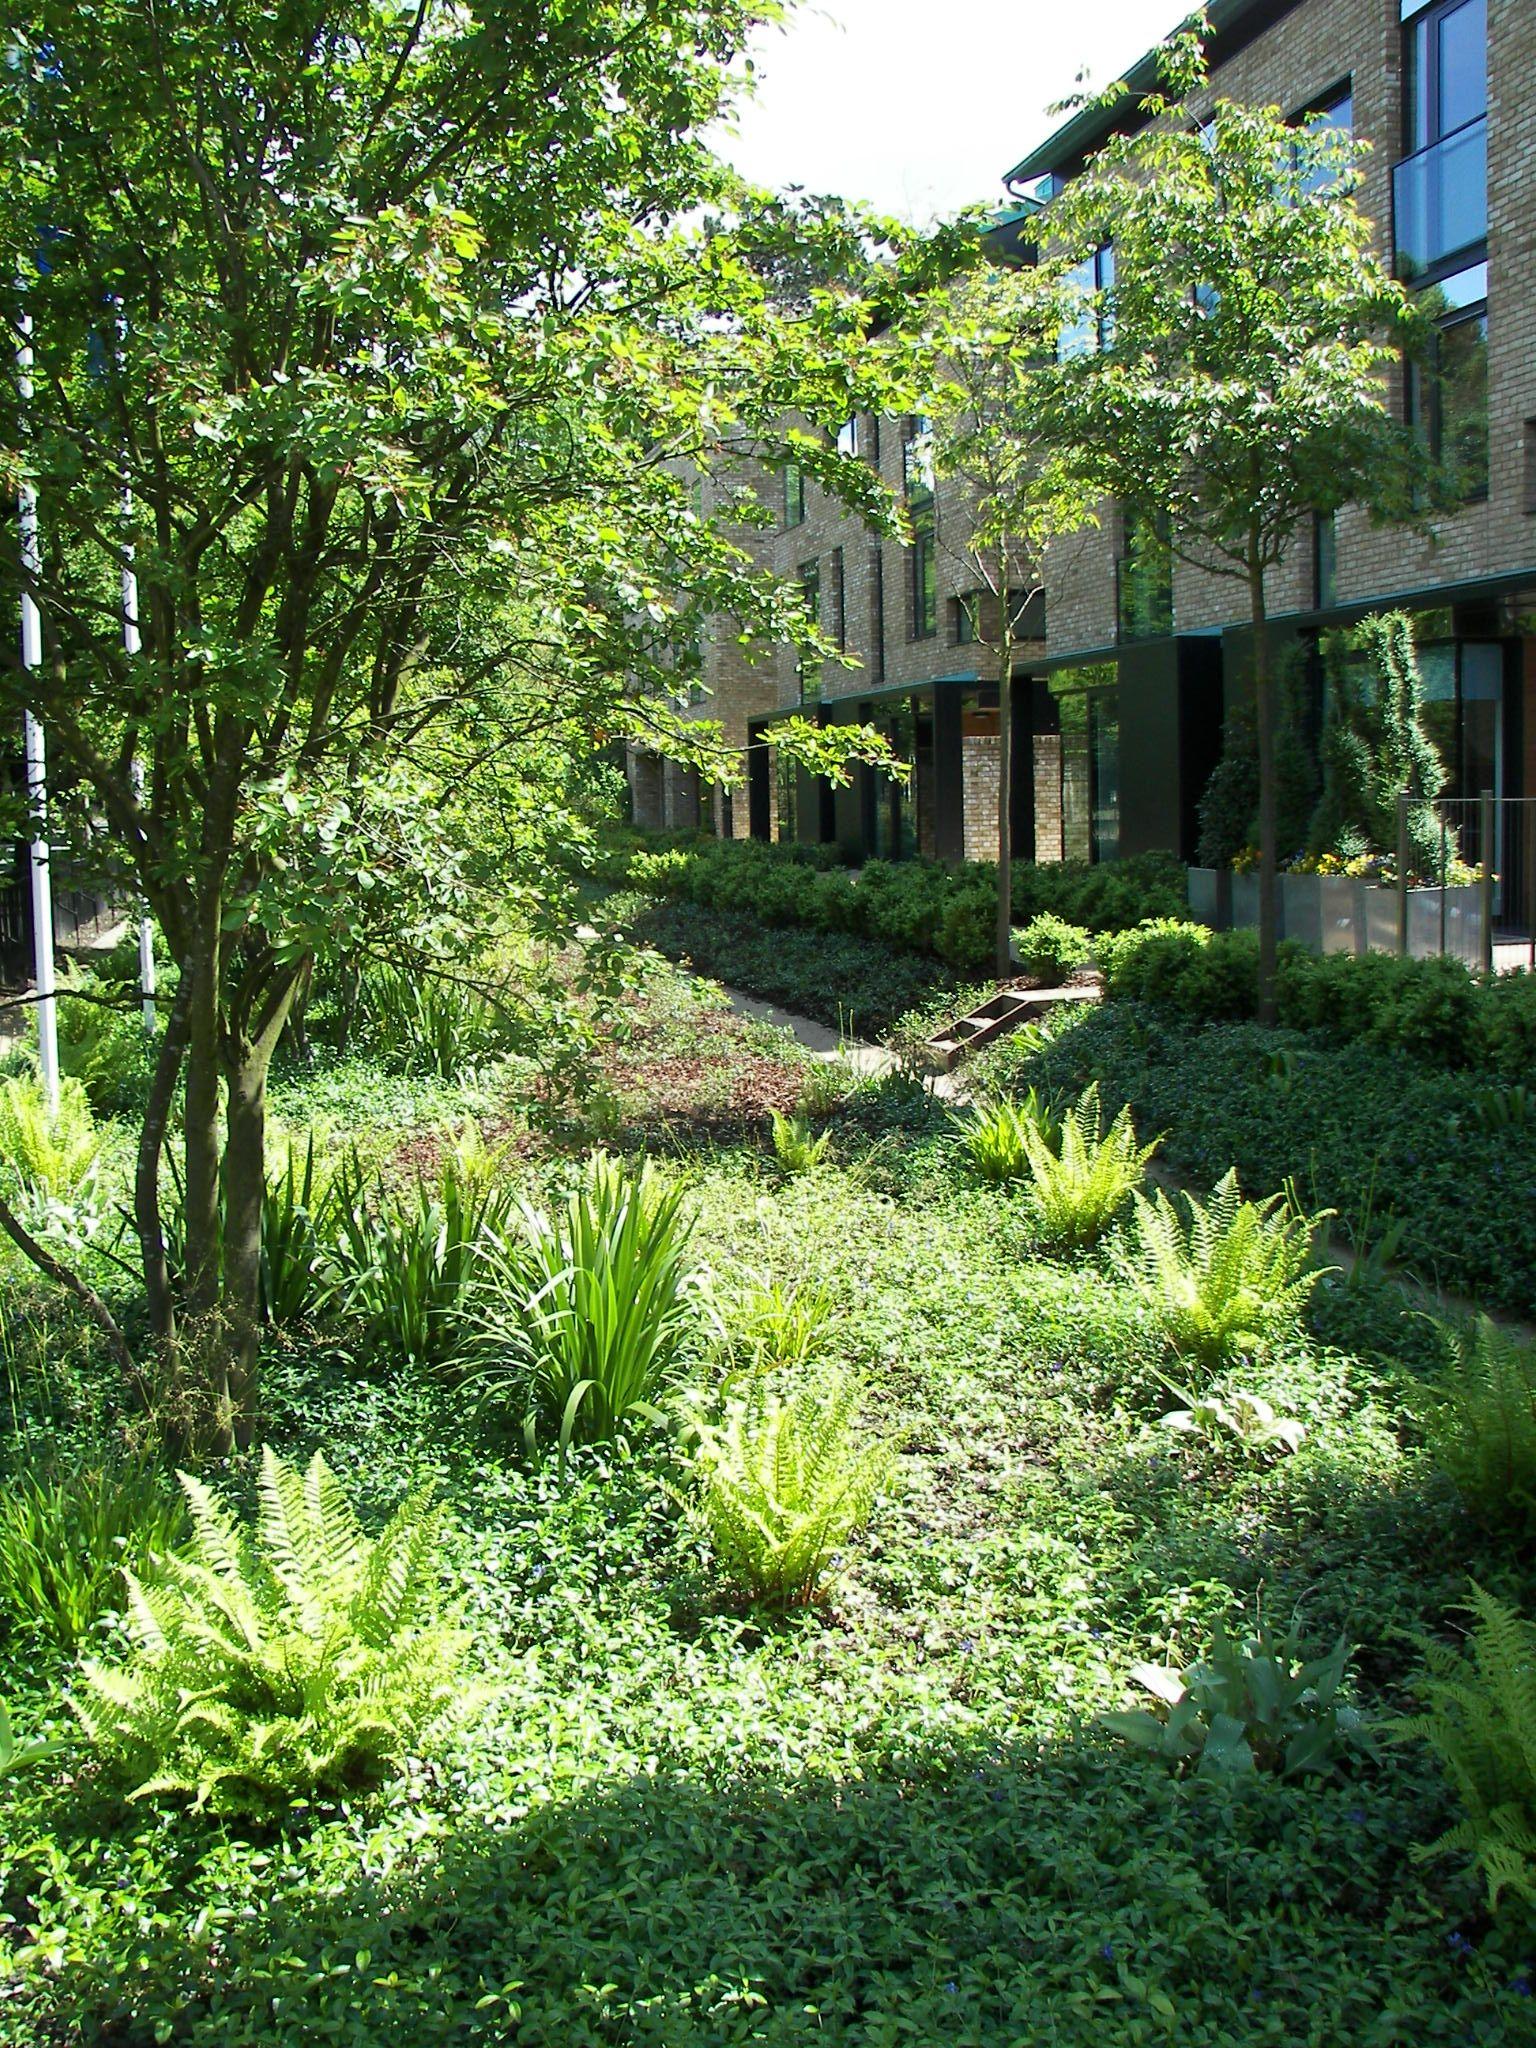 Accordia cambridge landscape architecture by bath based for Landscape architects bath